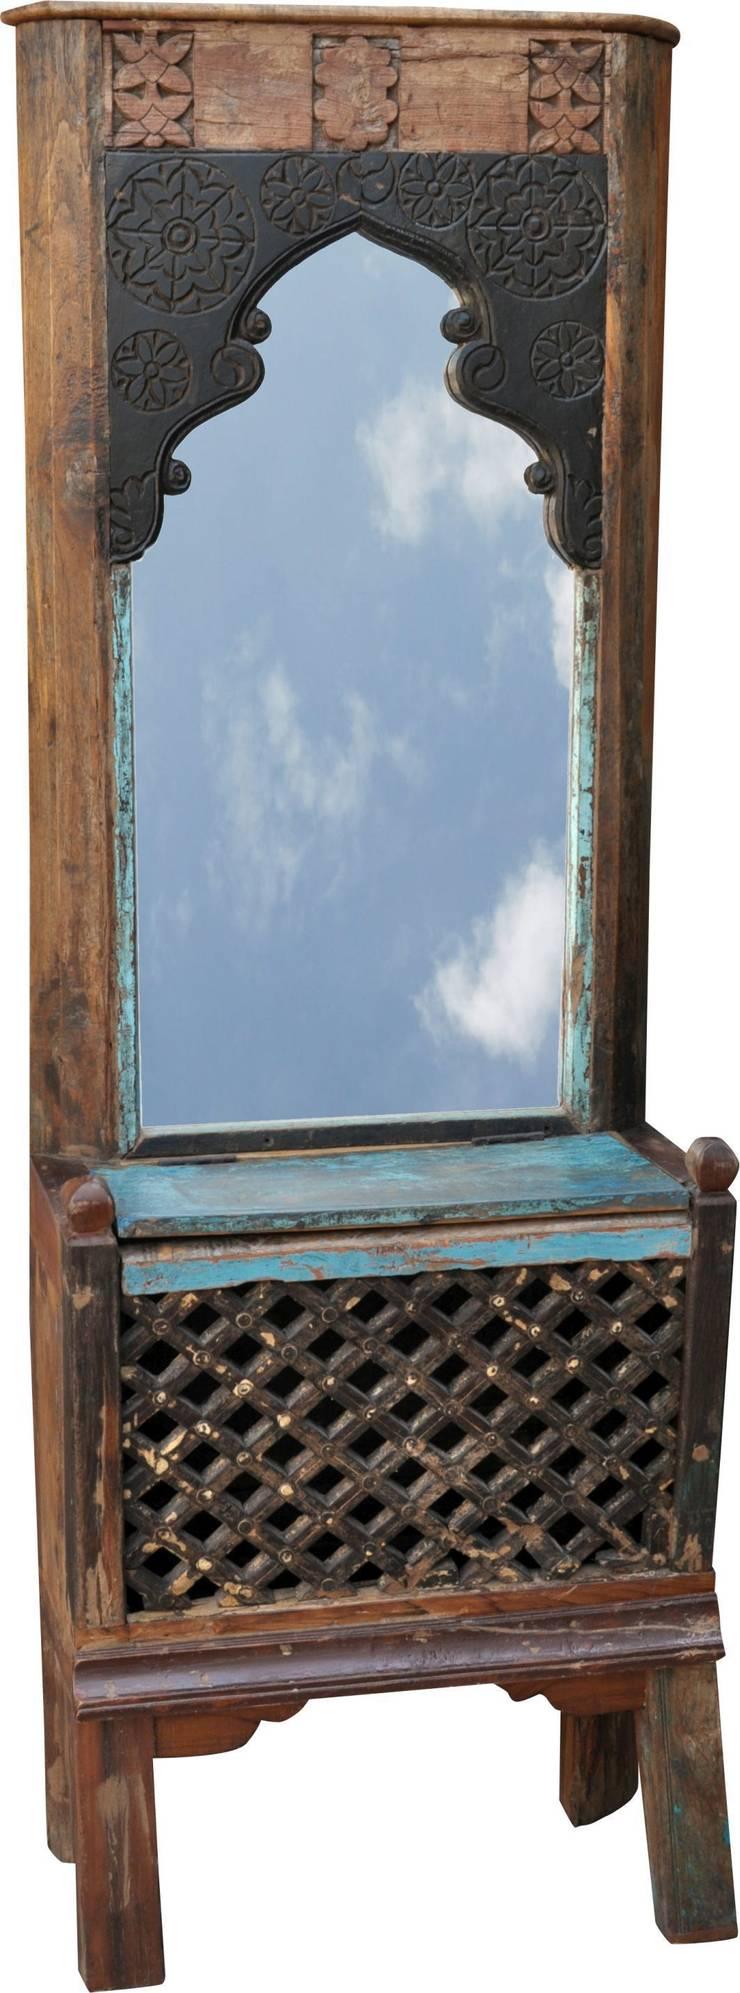 Exotisches Vintage - Spiegel fürs Bad:   von Guru-Shop,Asiatisch